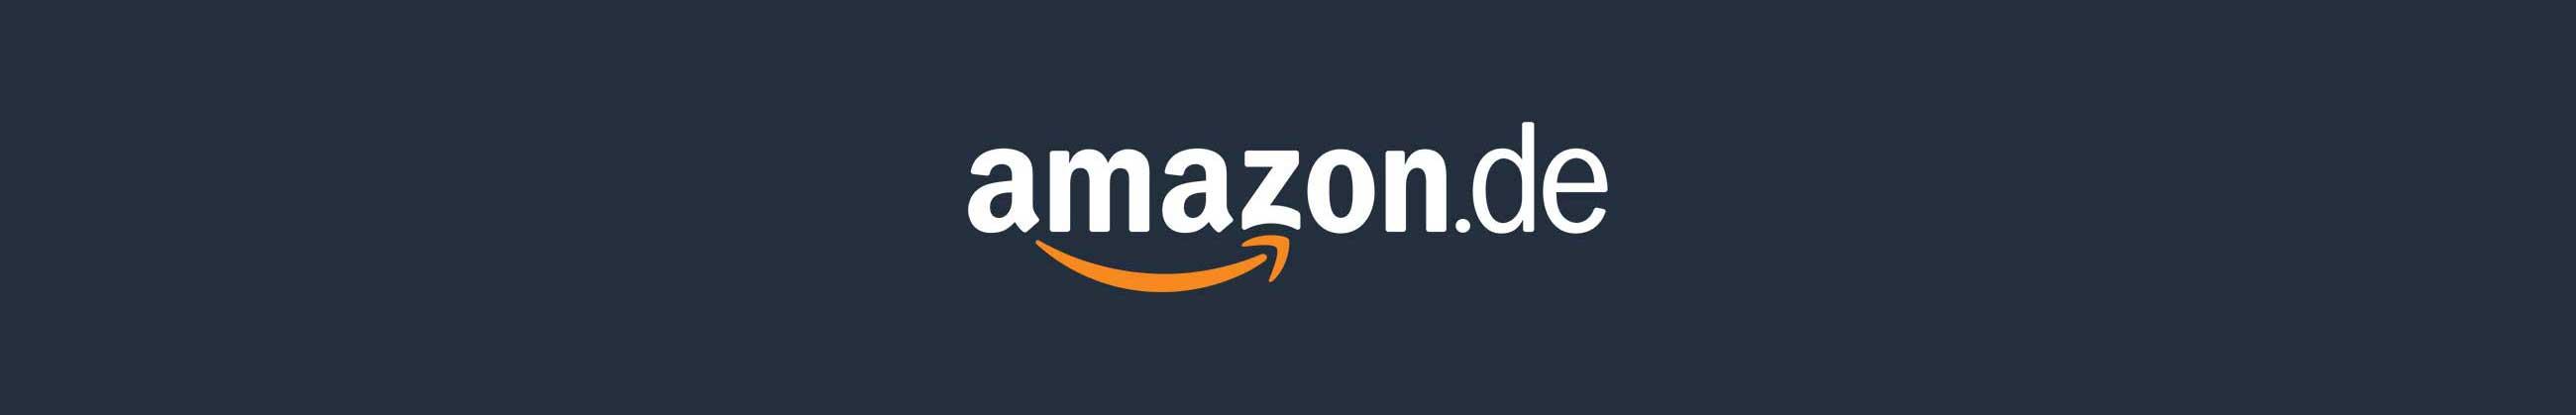 Den Blog unterstützen amazon-1